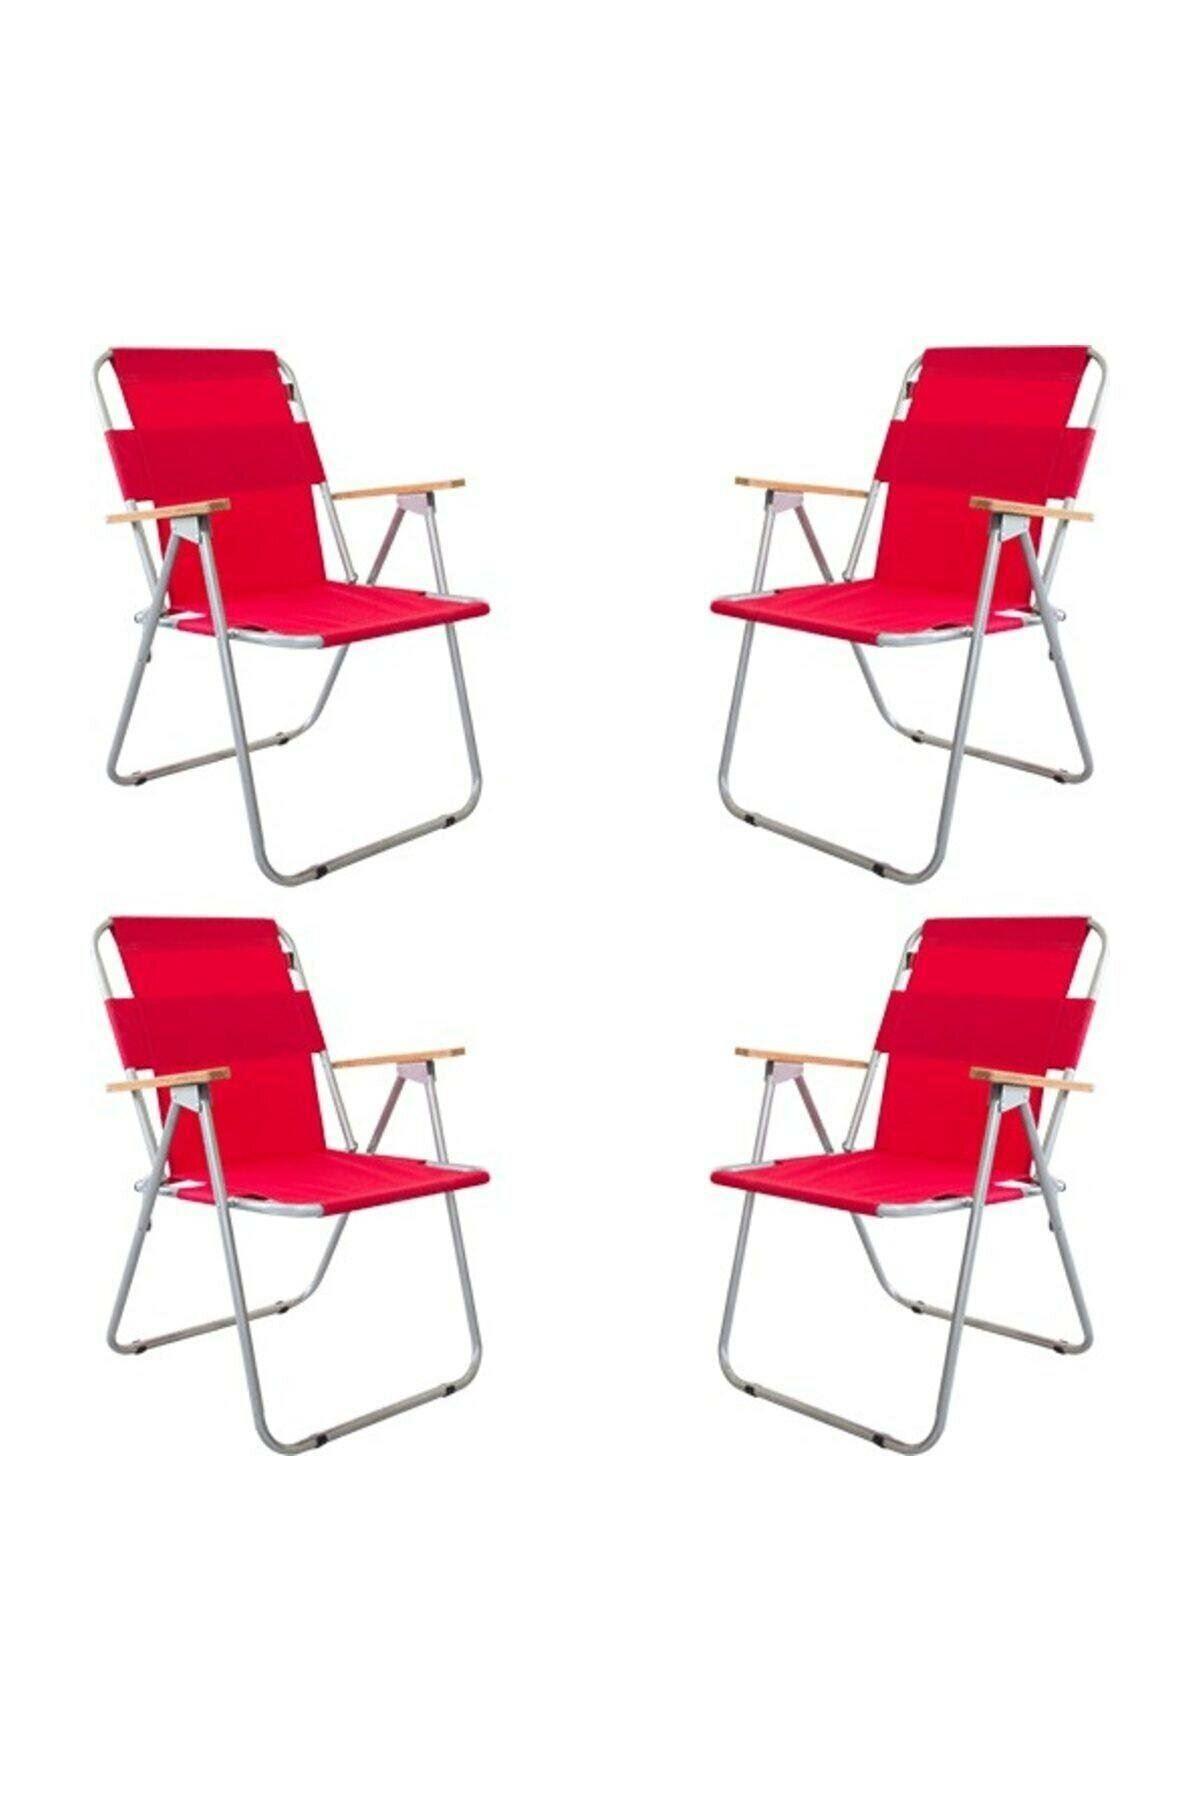 Bofigo 60x80 Çam Katlanır Masa + 4 Adet Katlanır Sandalye Kamp Seti Bahçe Balkon Takımı Kırmızı